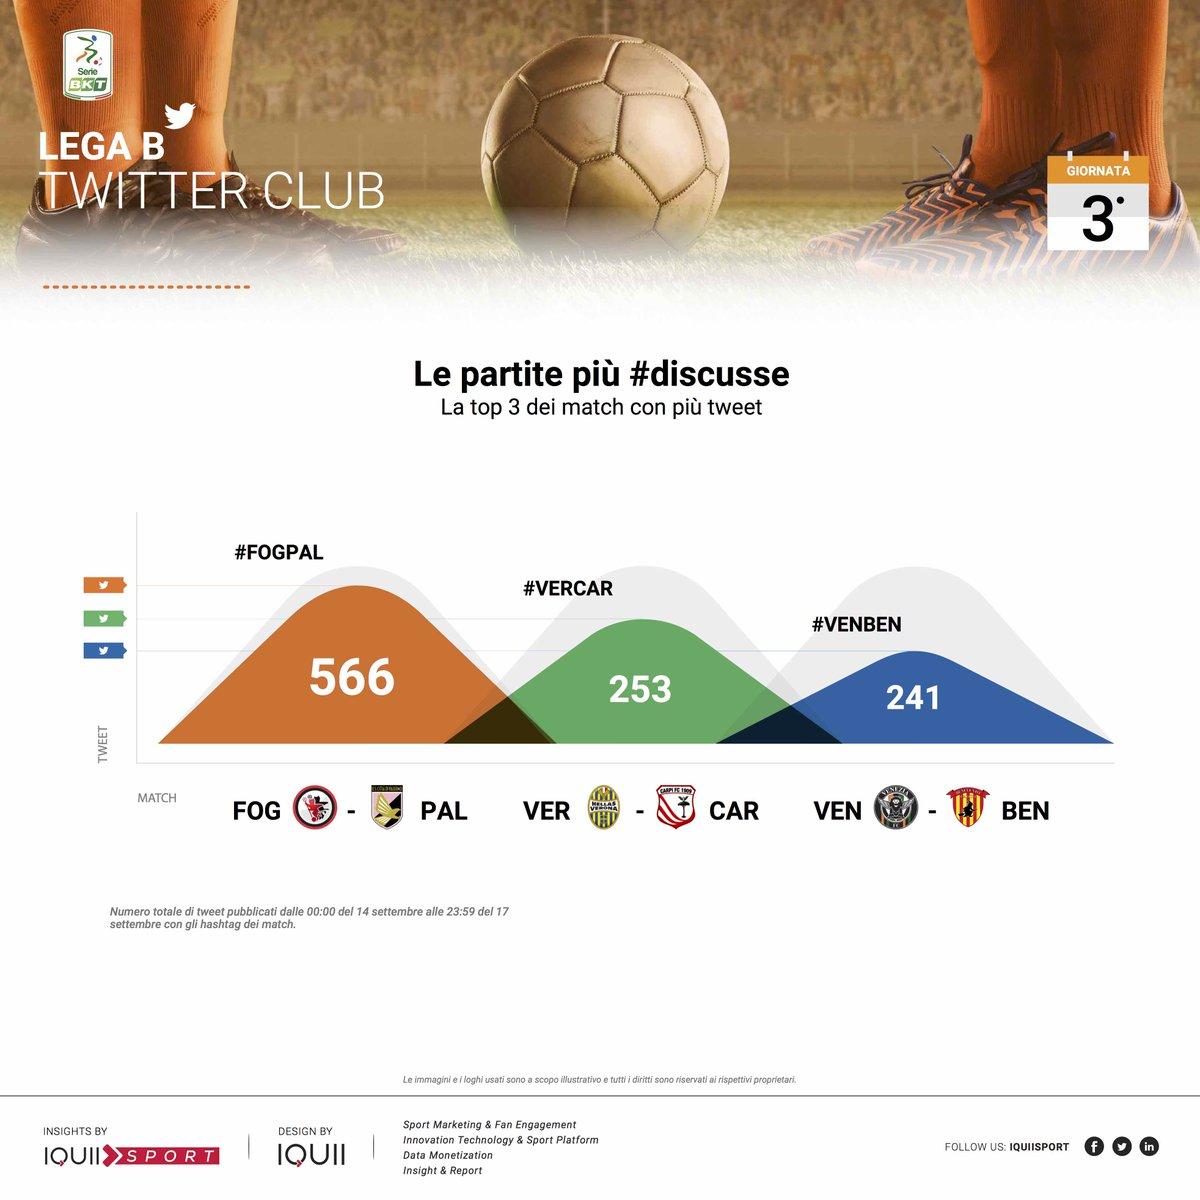 @FoggiaCalcio   @palermocalcioit #FOGPAL, @HellasVeronaFC  @carpifc1909 #VERCAR, @VeneziaFC_IT  @bncalcio #VENBEN sono stati i match più seguiti su @Twitter della 3^ giornata della #SerieBKT [via: @IQUIISport]  - Ukustom